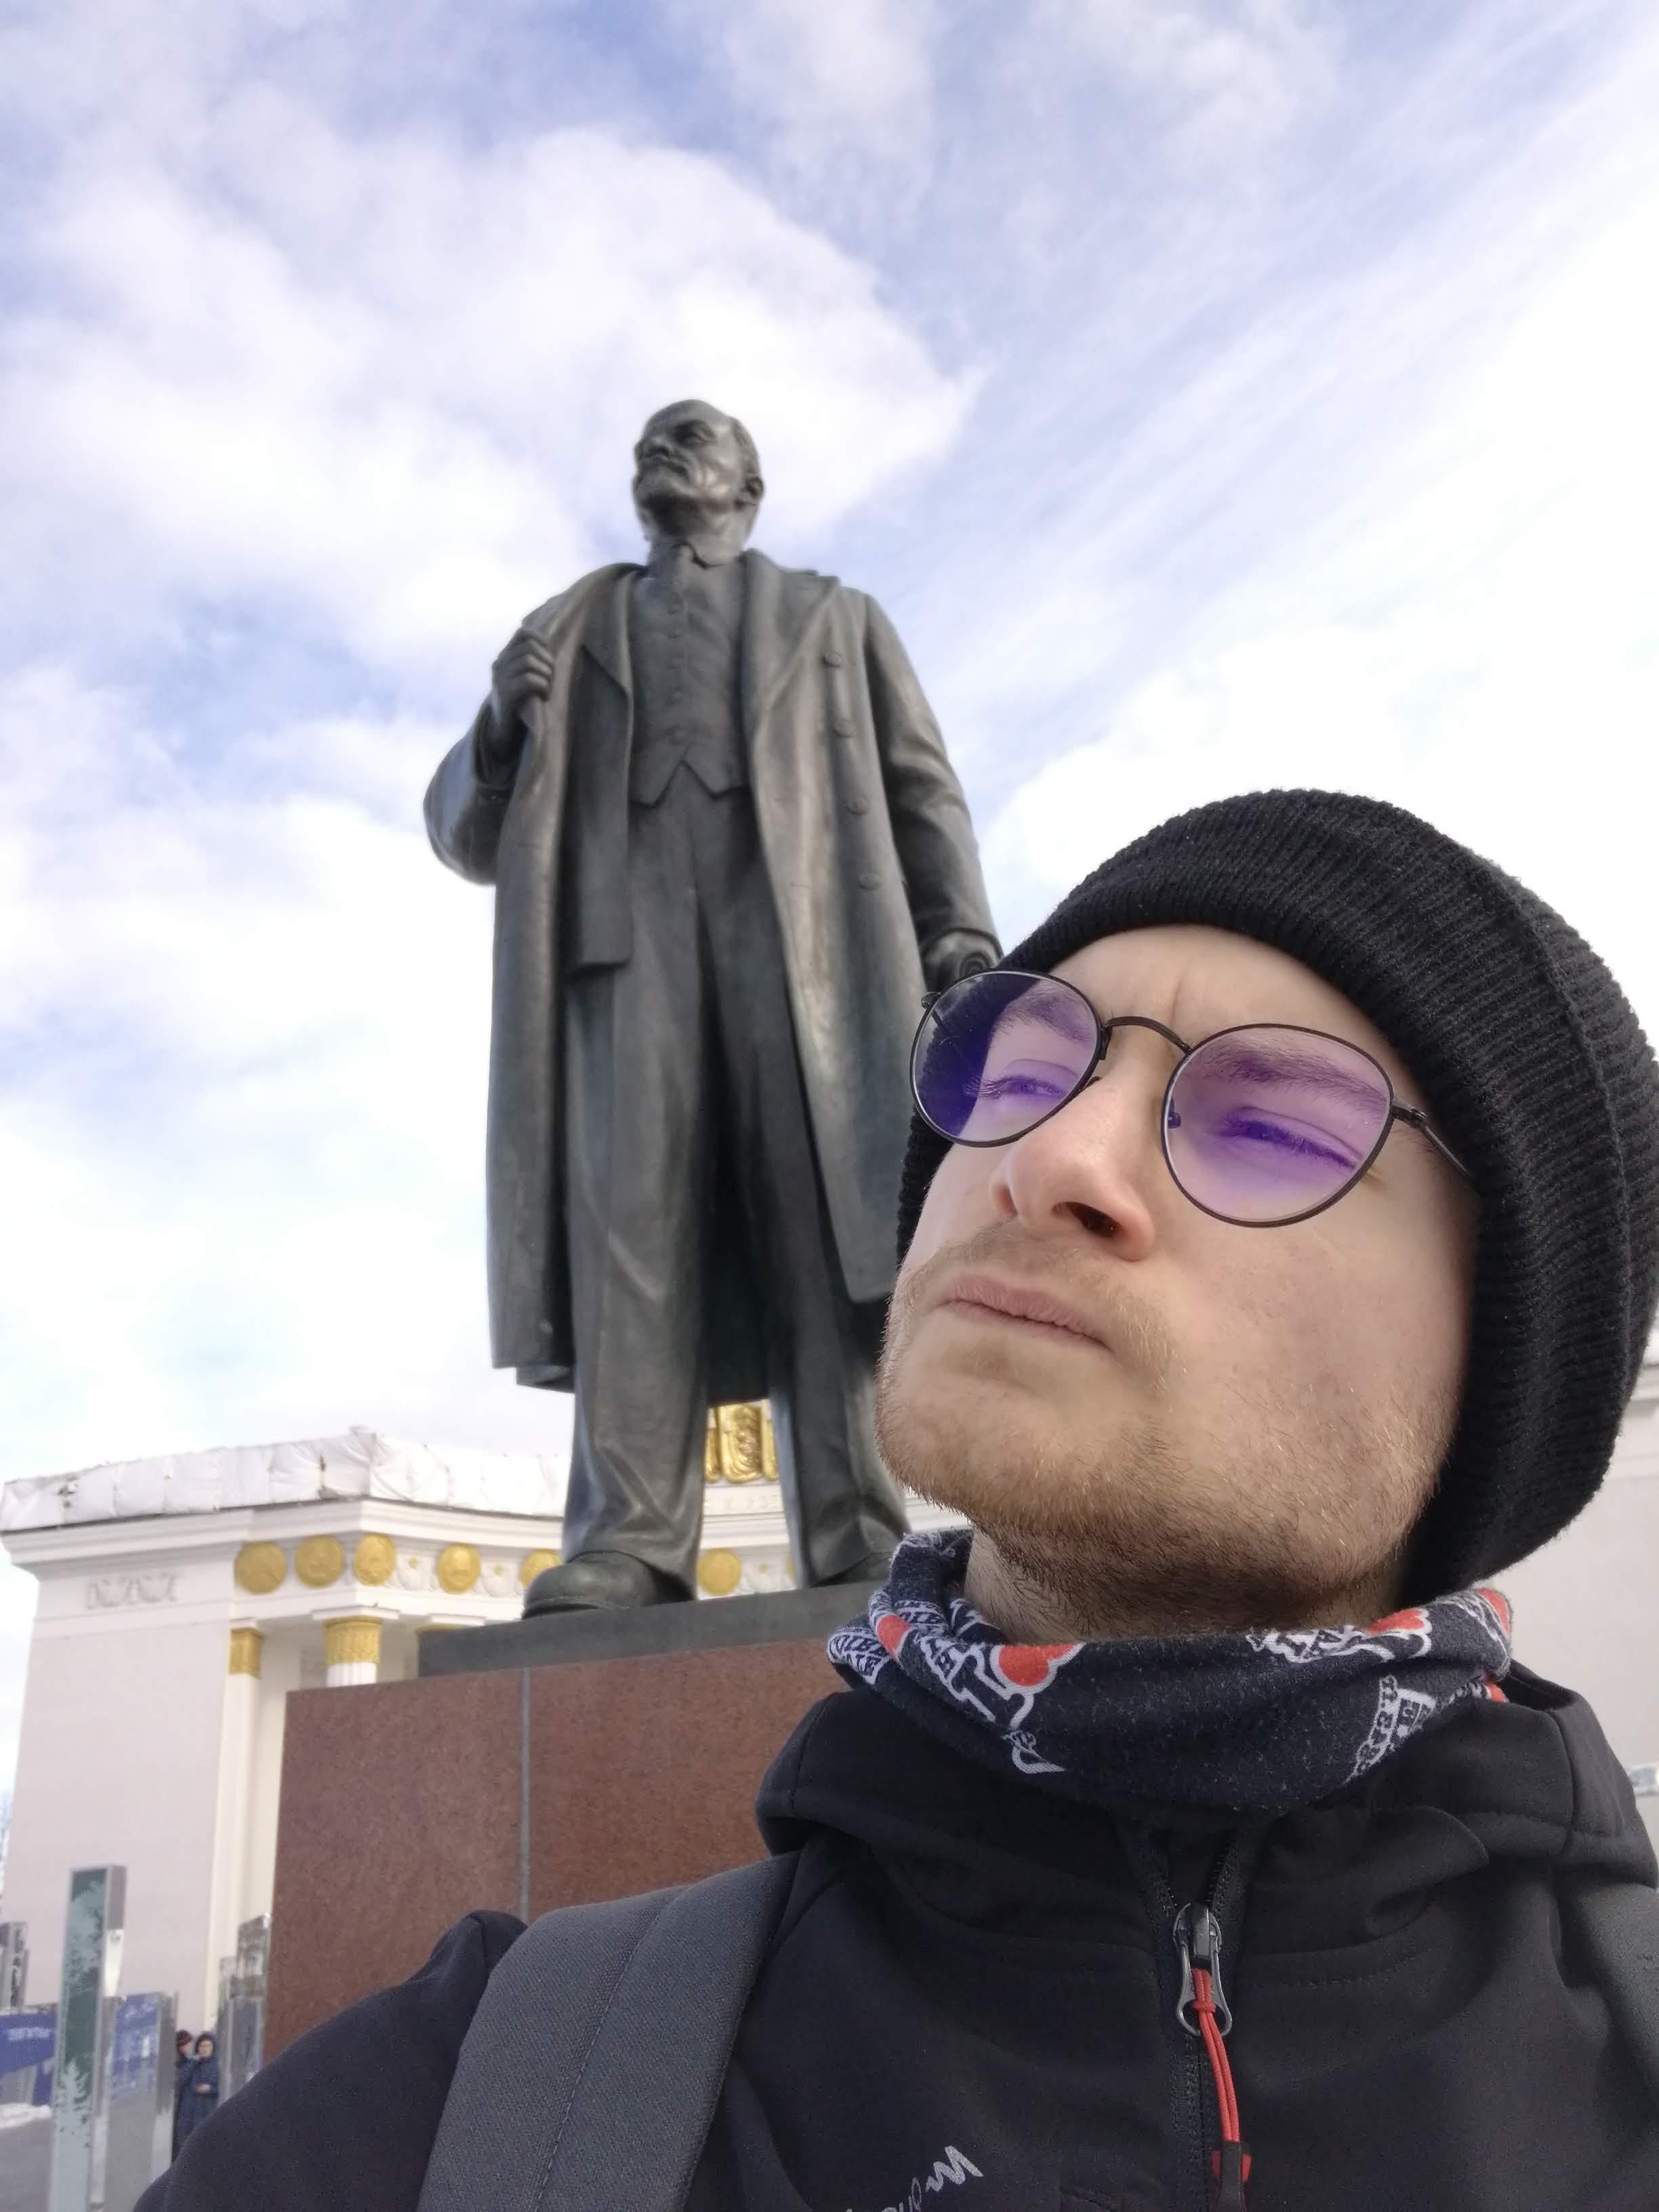 Essayant de trouver ce que regarde Lénine...